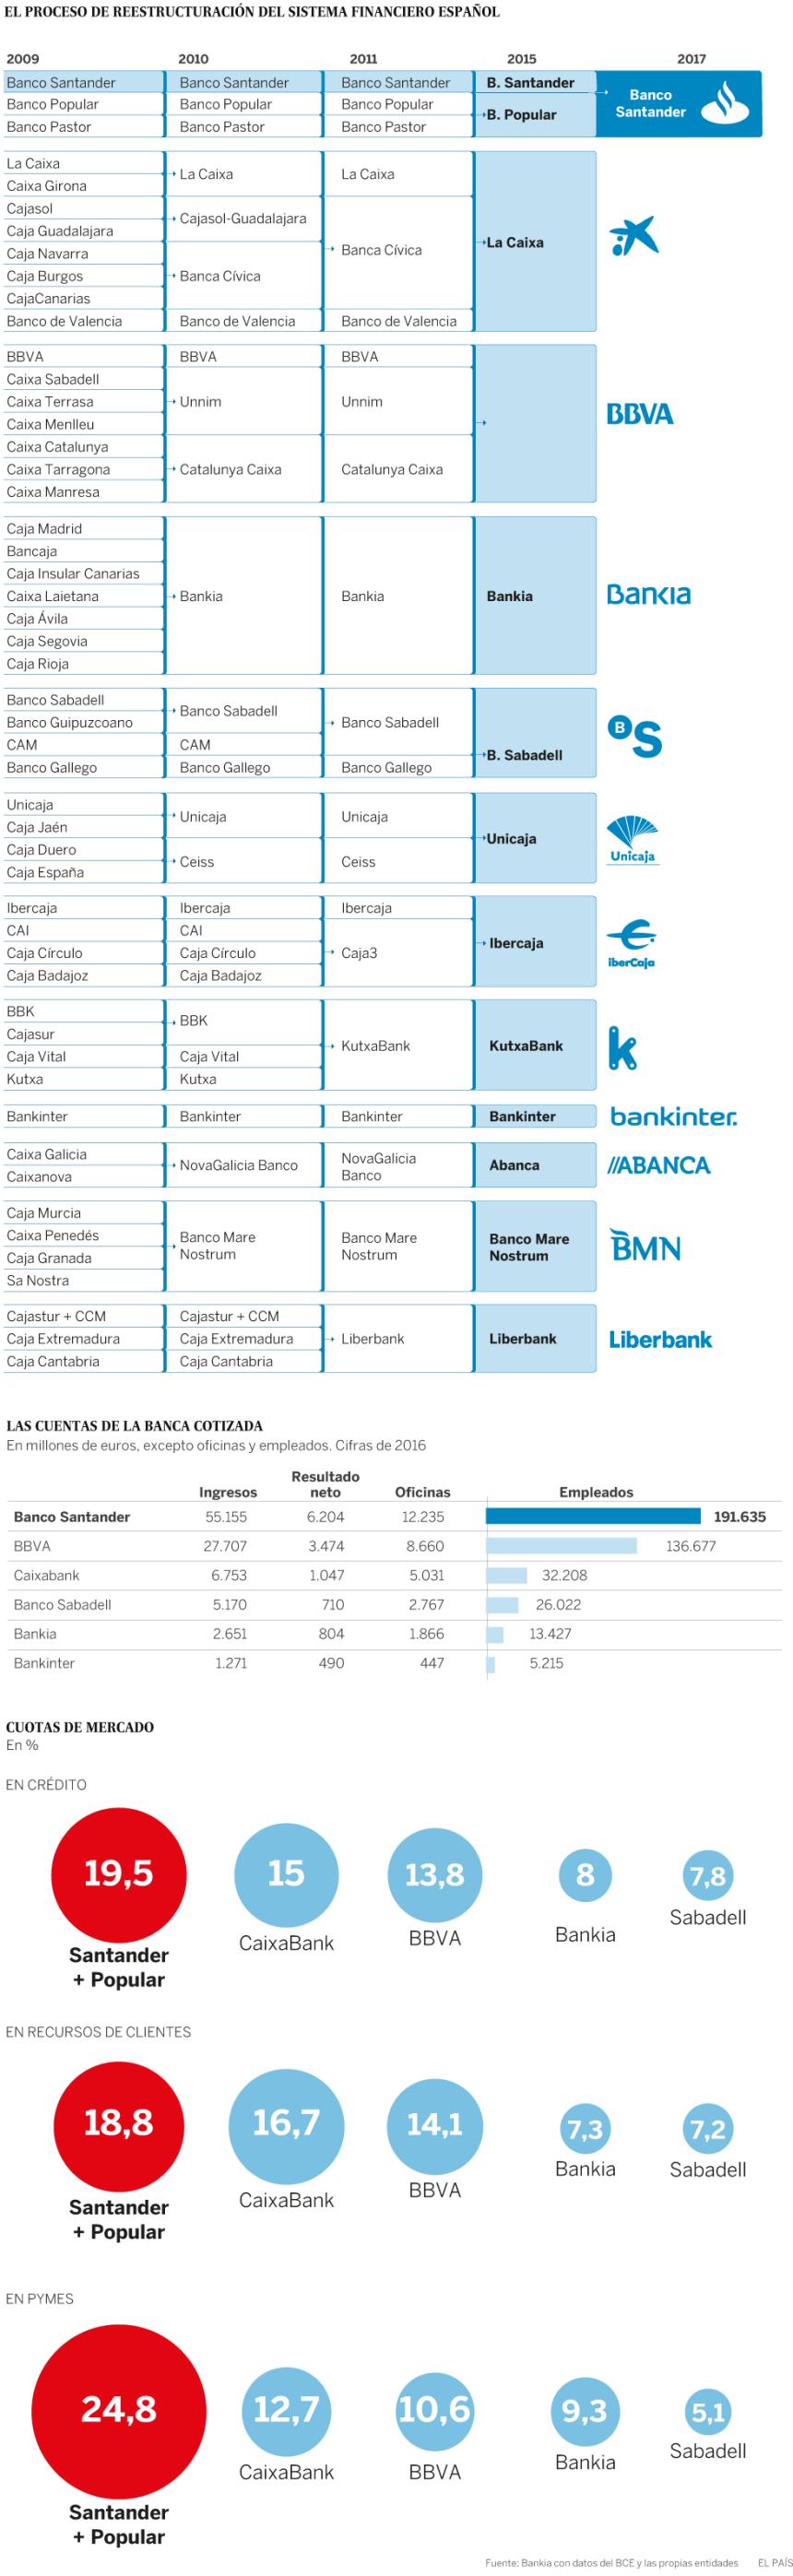 Evolución del Sistema Financiero Español